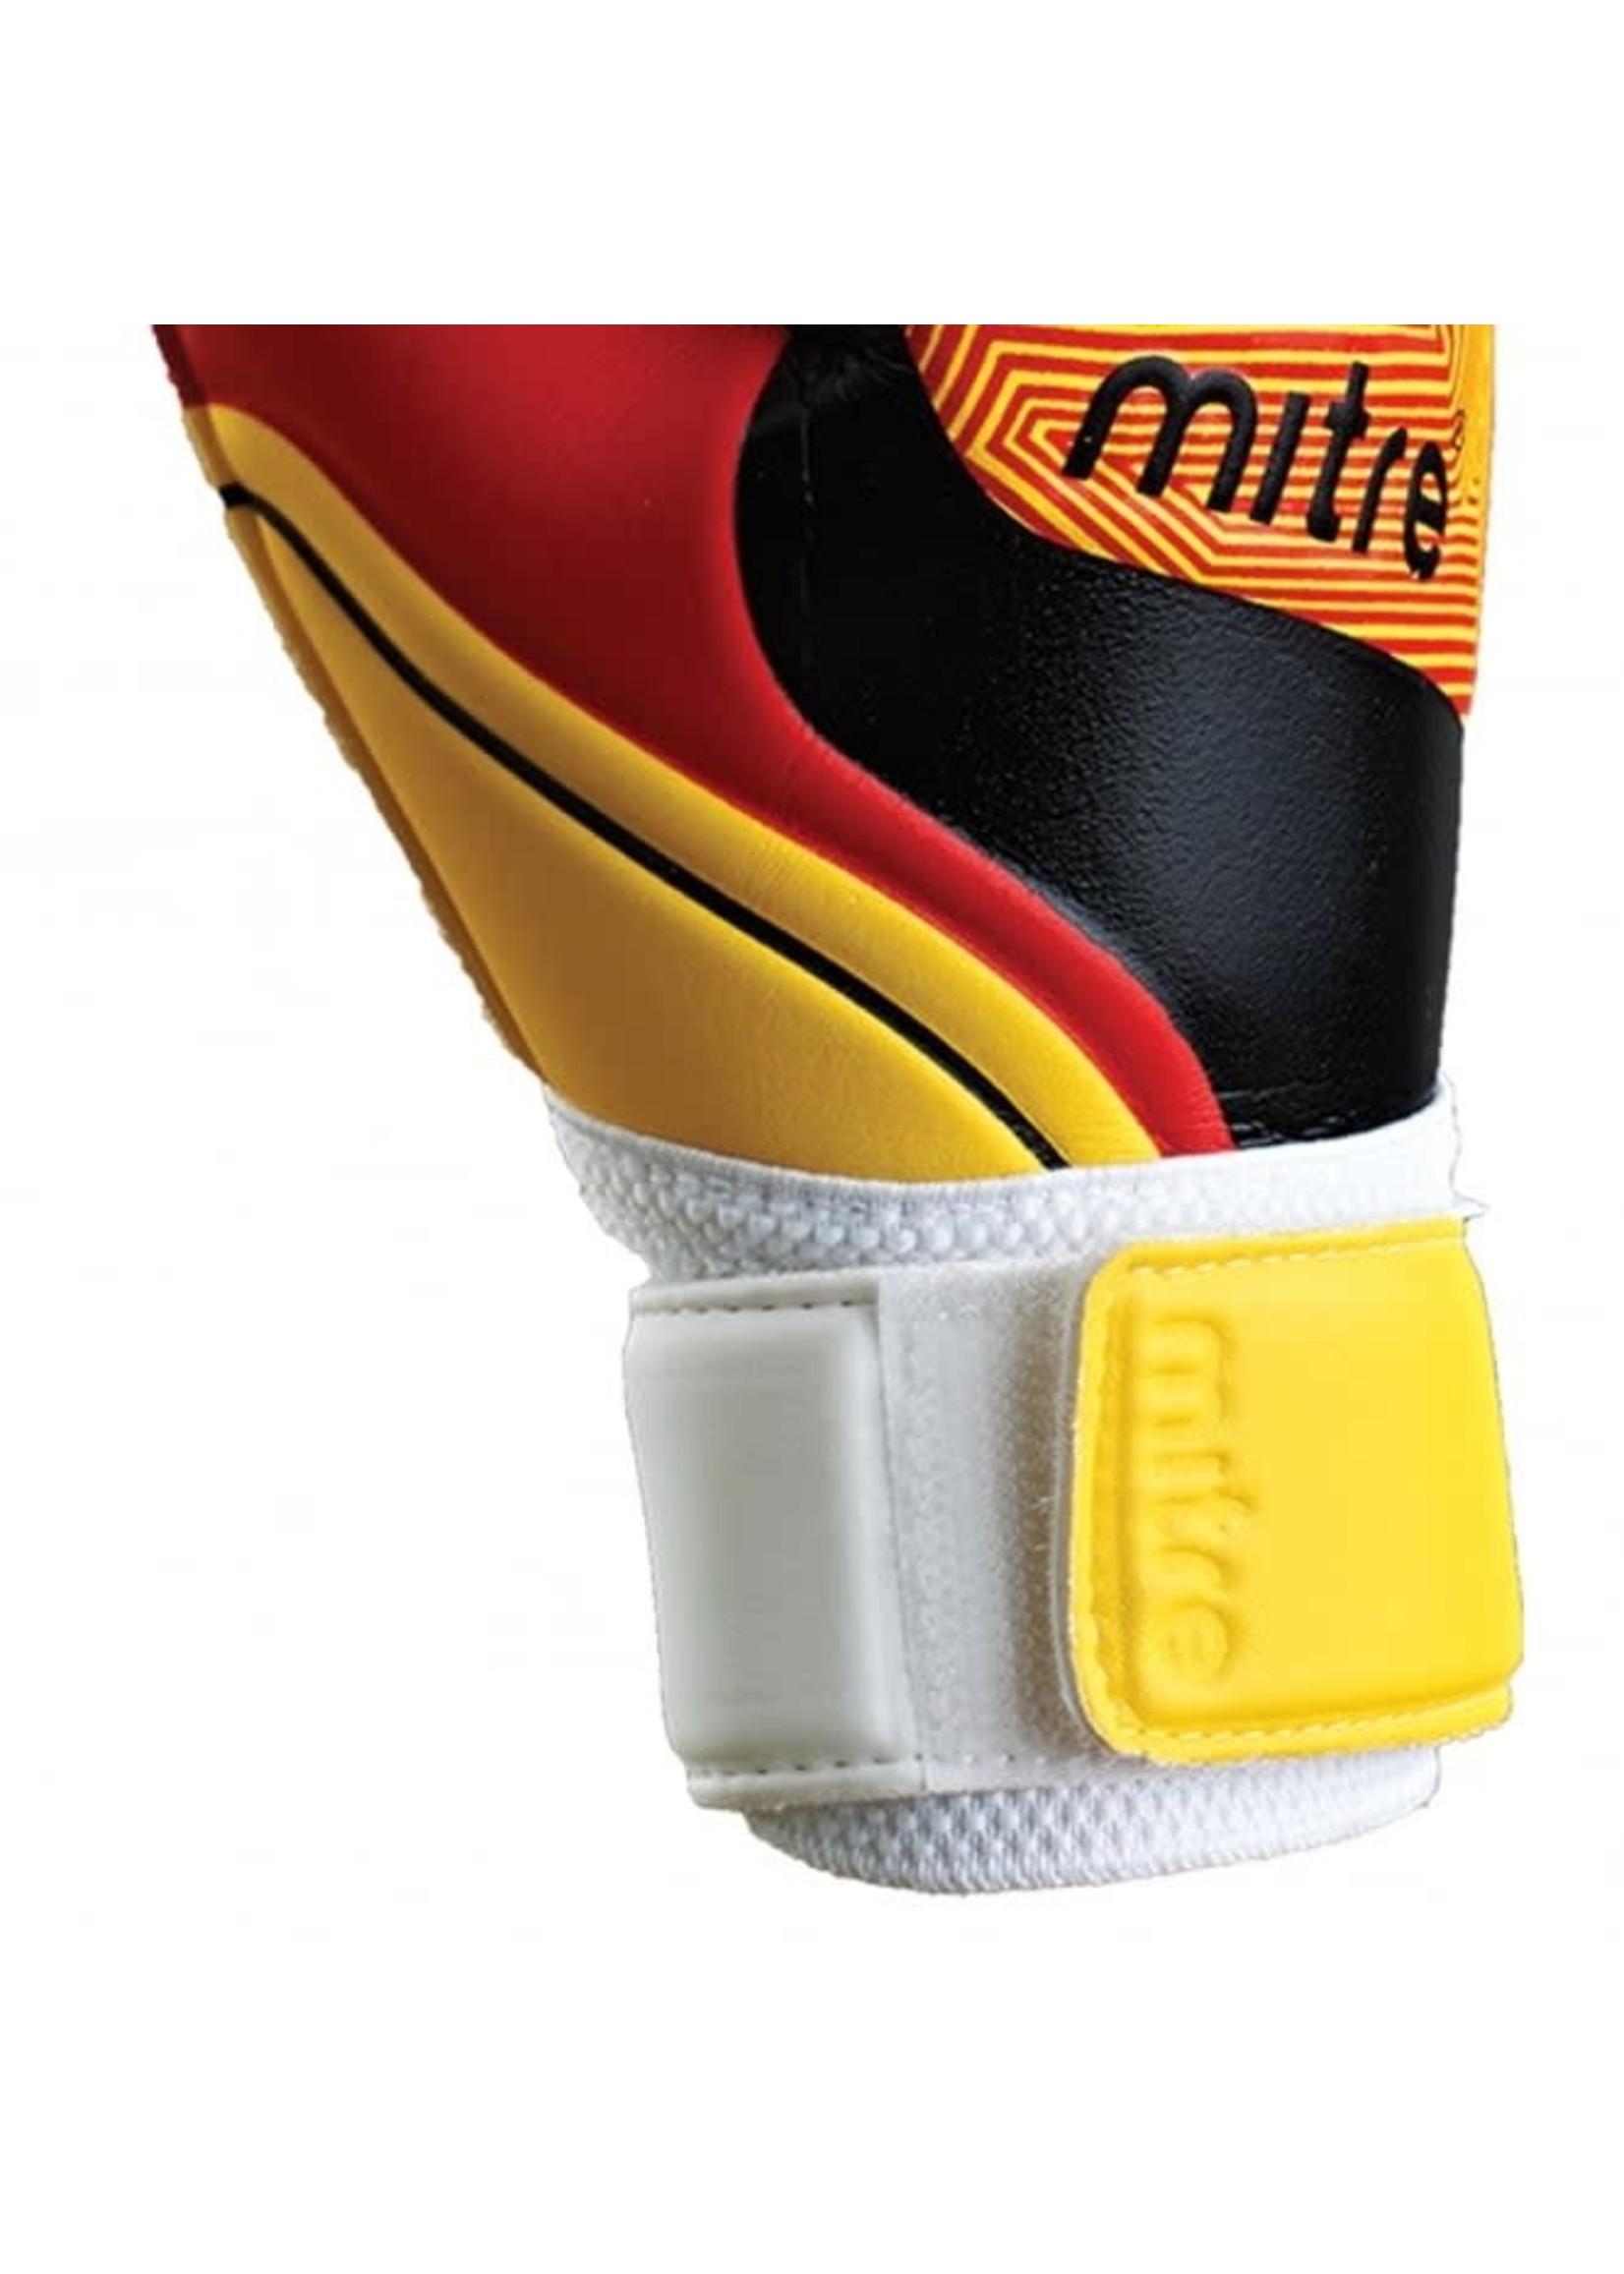 mitre Mitre Awara Football Goalie Gloves - White